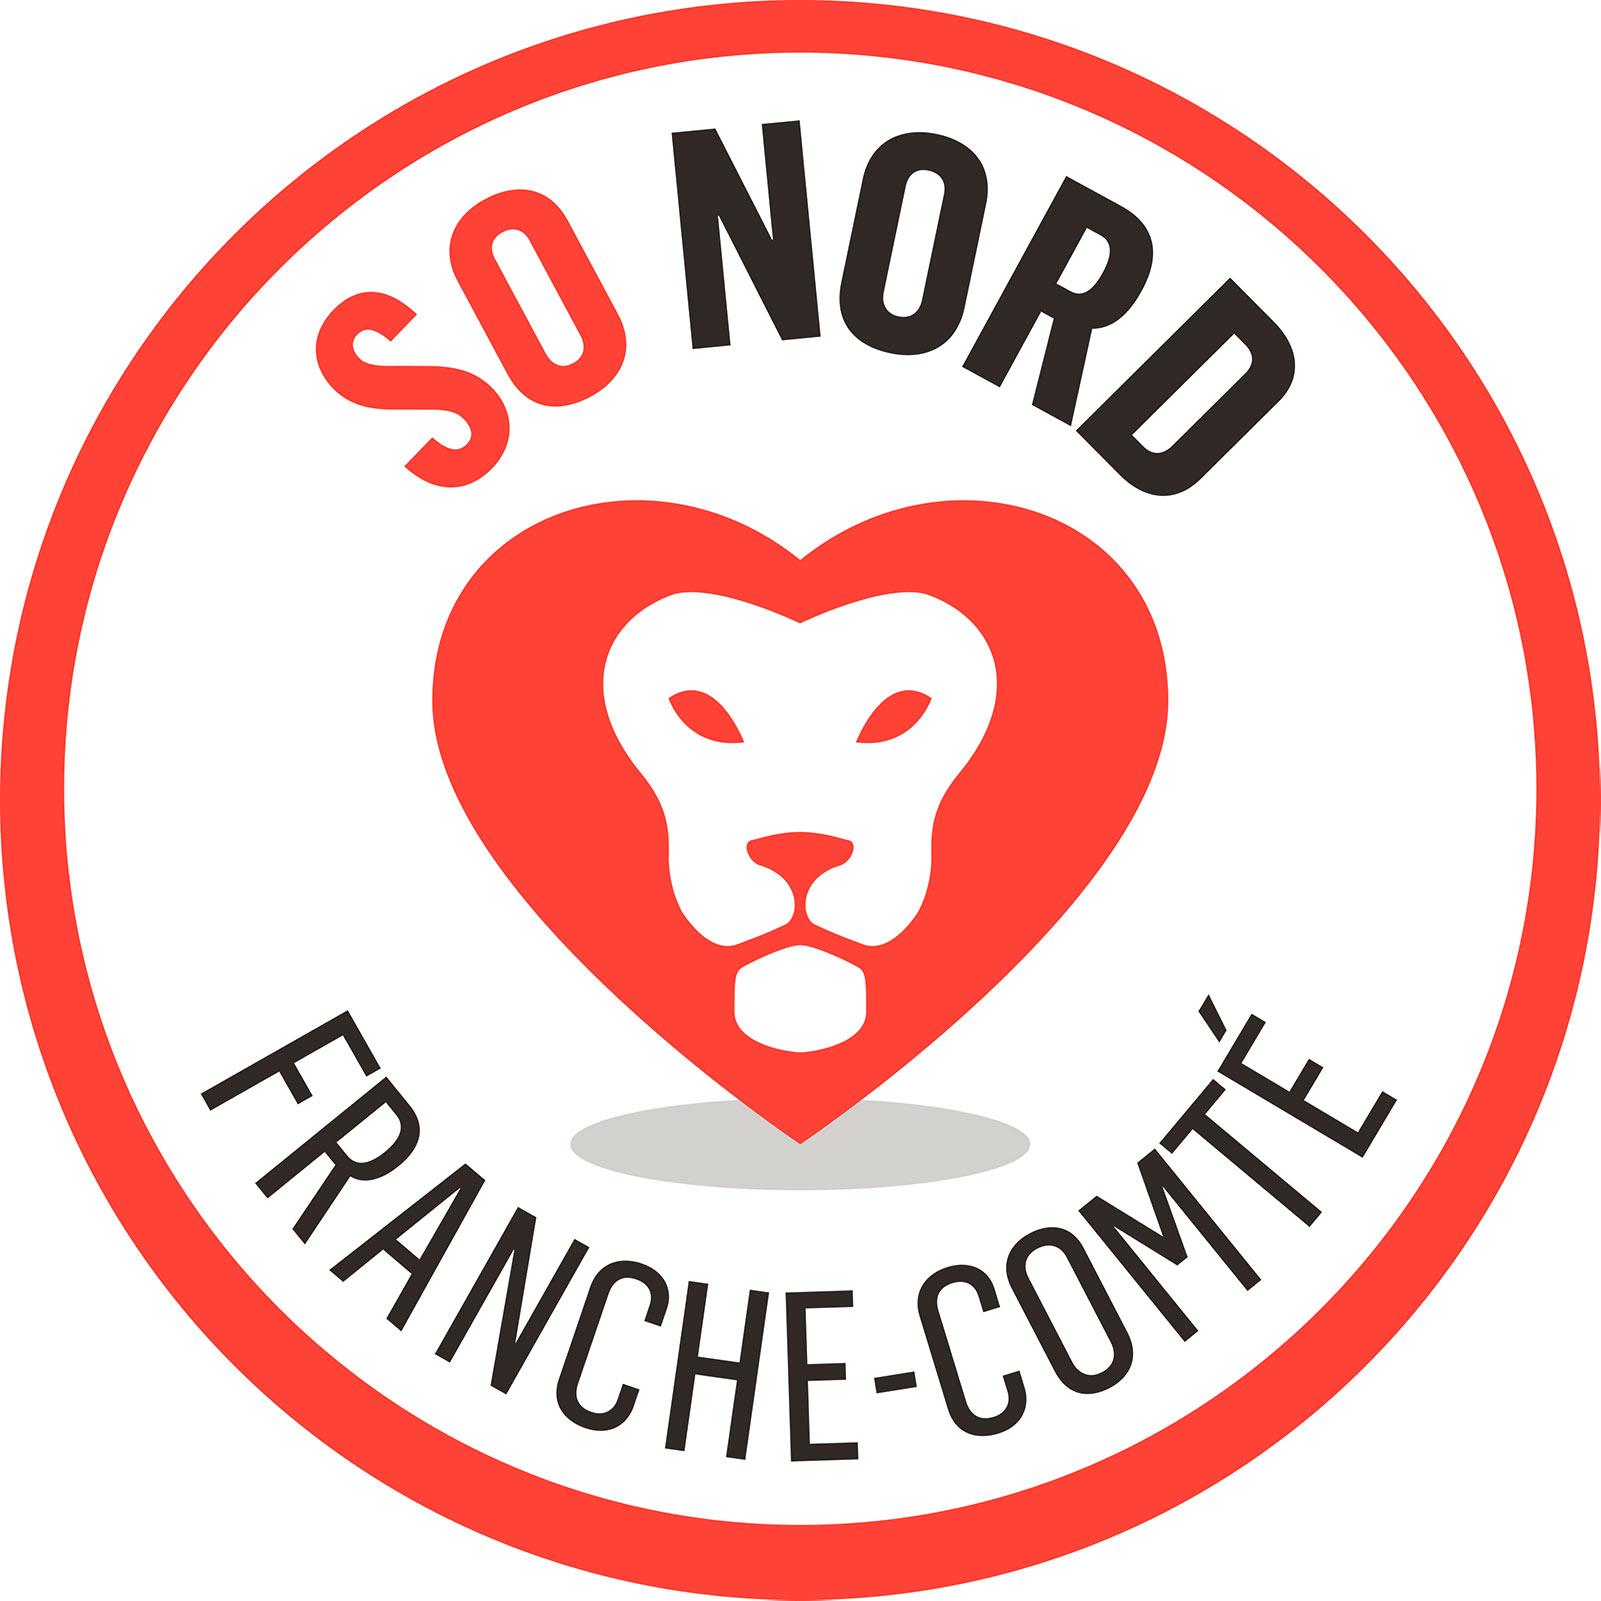 SO Nord Franche-Comté logo macaron